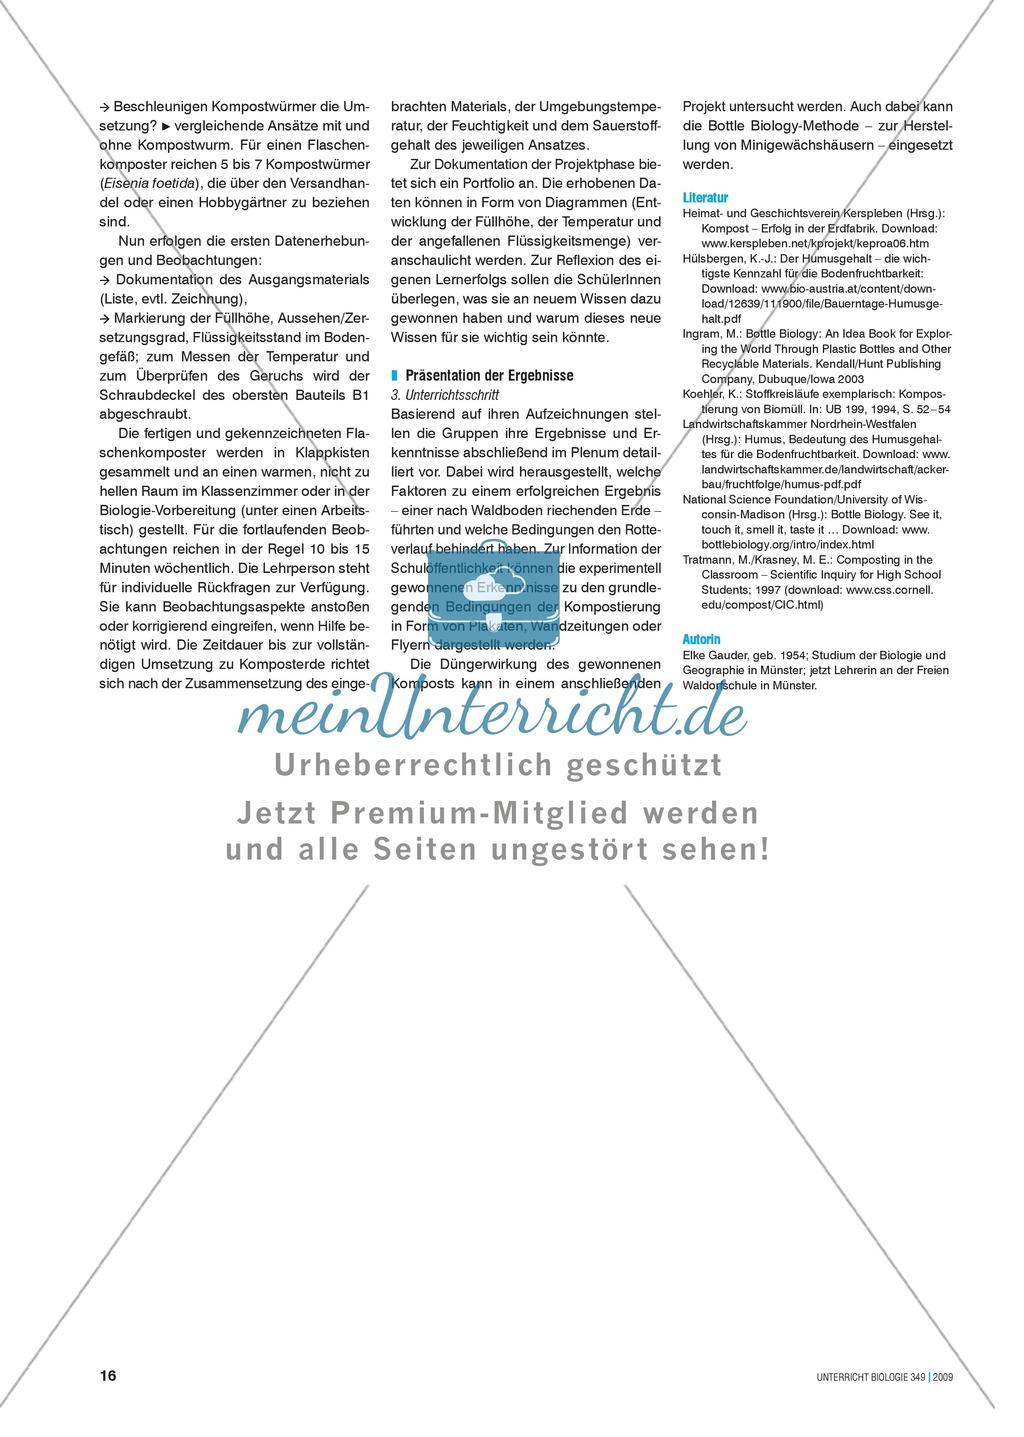 Stoffkreisläufe: Modell zur Kompostierung mittels einer Plastikflasche Preview 5